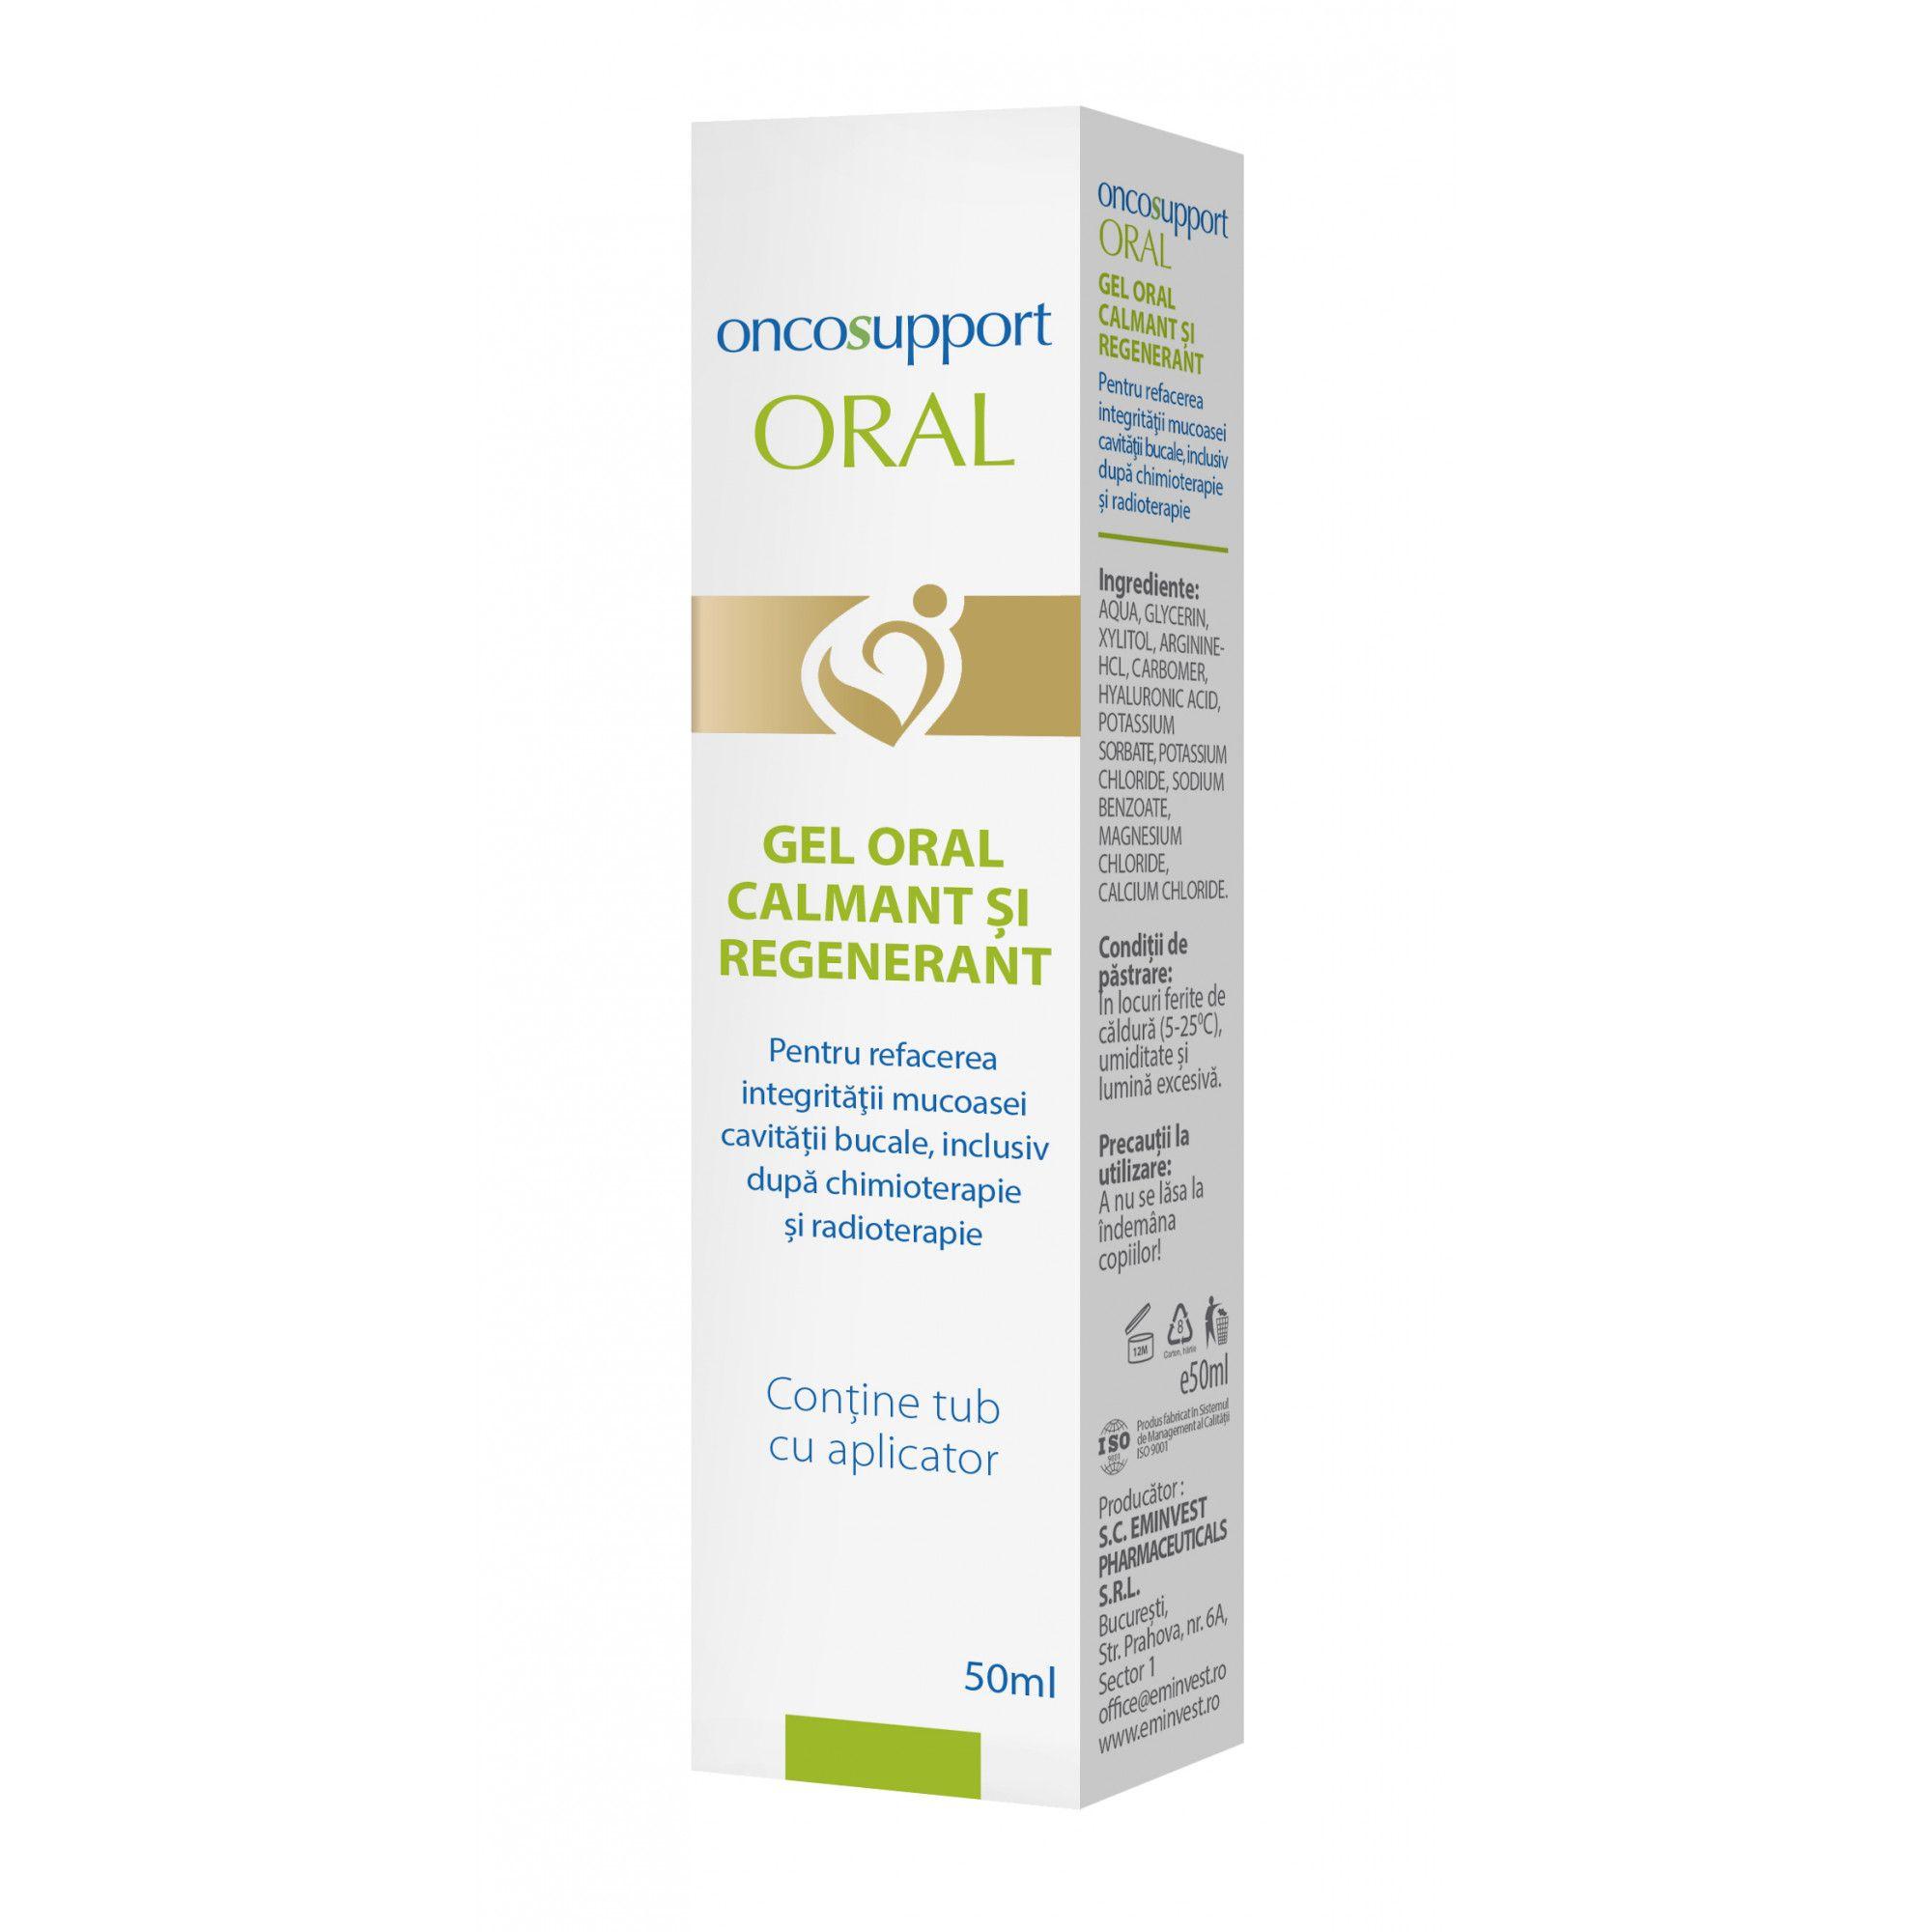 Oncosupport Oral Gel calmant si regenerant, 50 ml, Eminvest imagine produs 2021